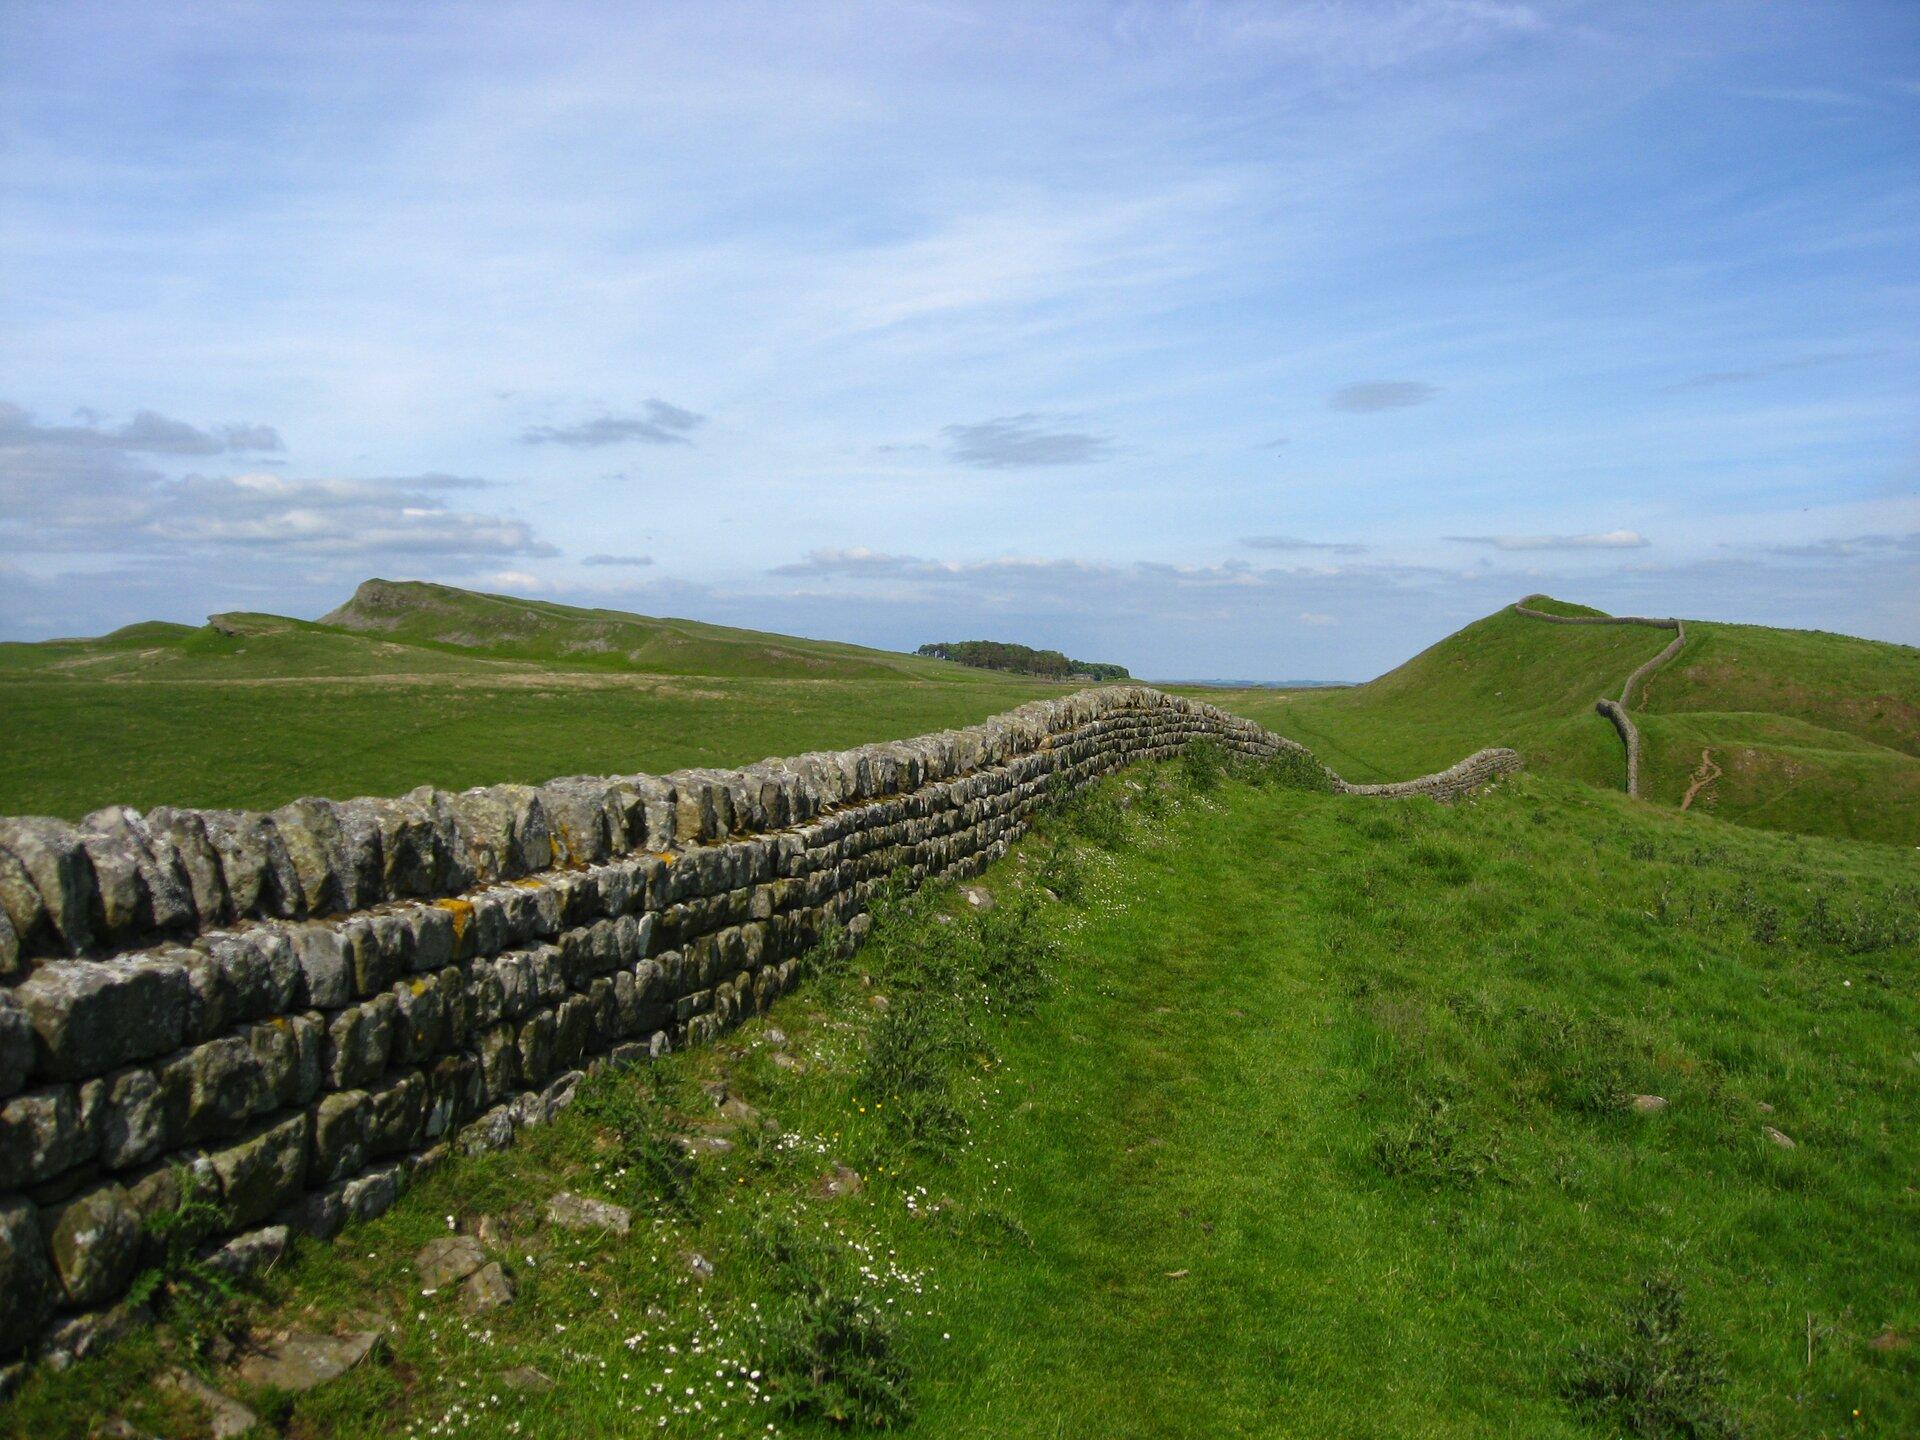 Na zdjęciu kamienny mur ciągnący się przez rozległe pagórkowate tereny.